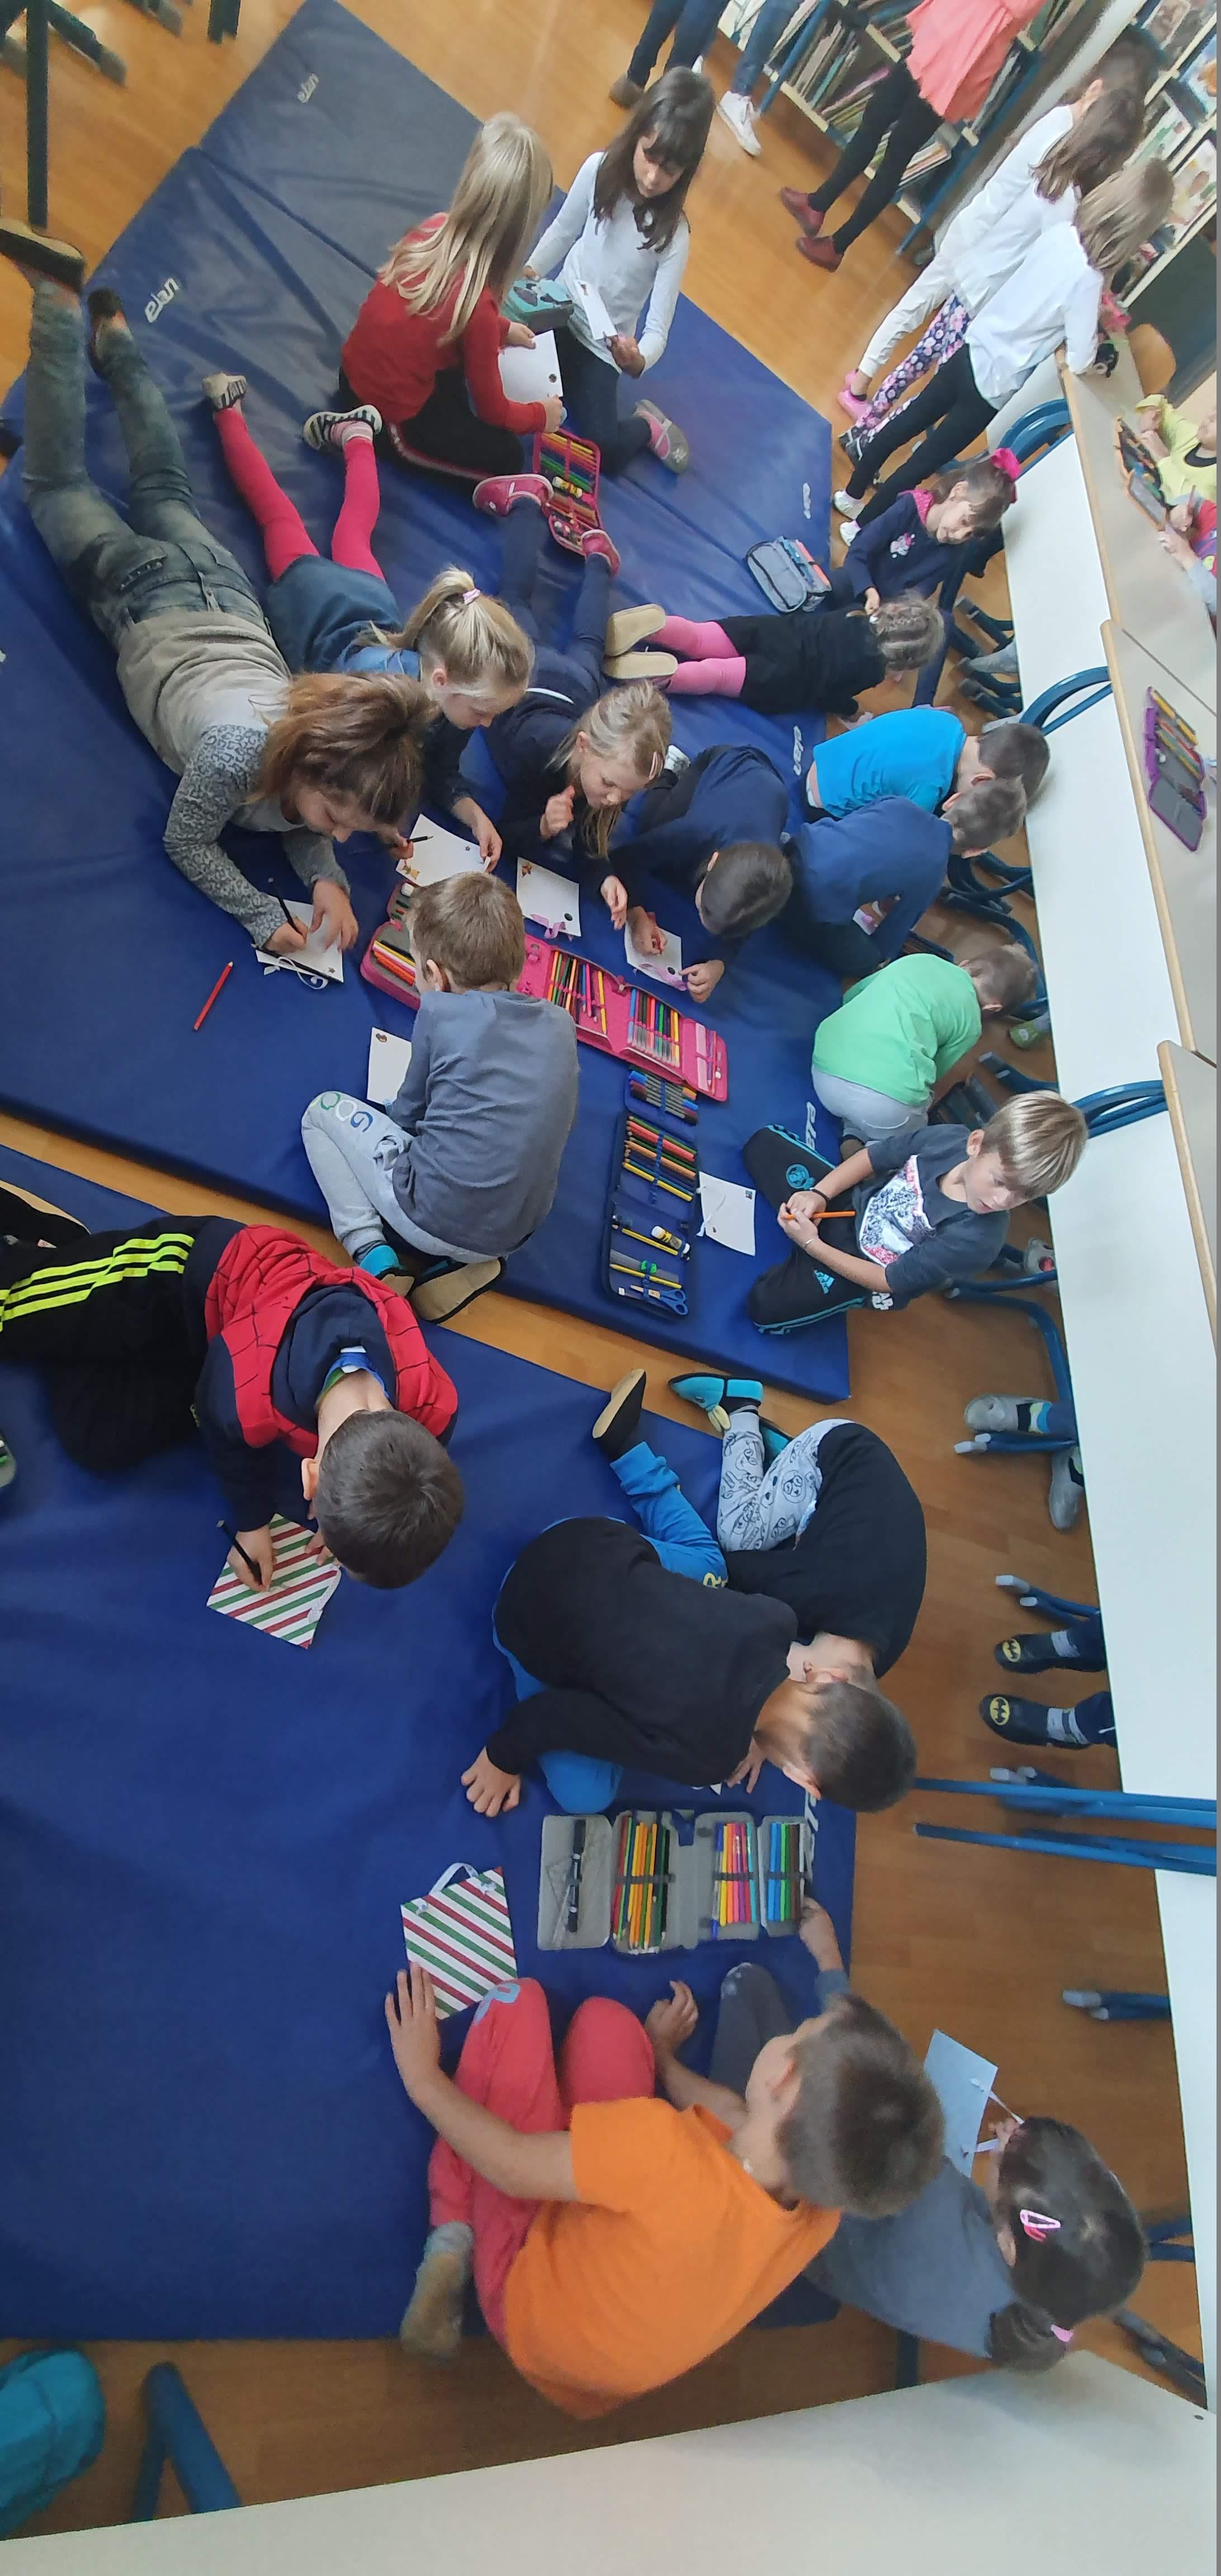 Sodelovanje z vrtcem – obisk knjižnice